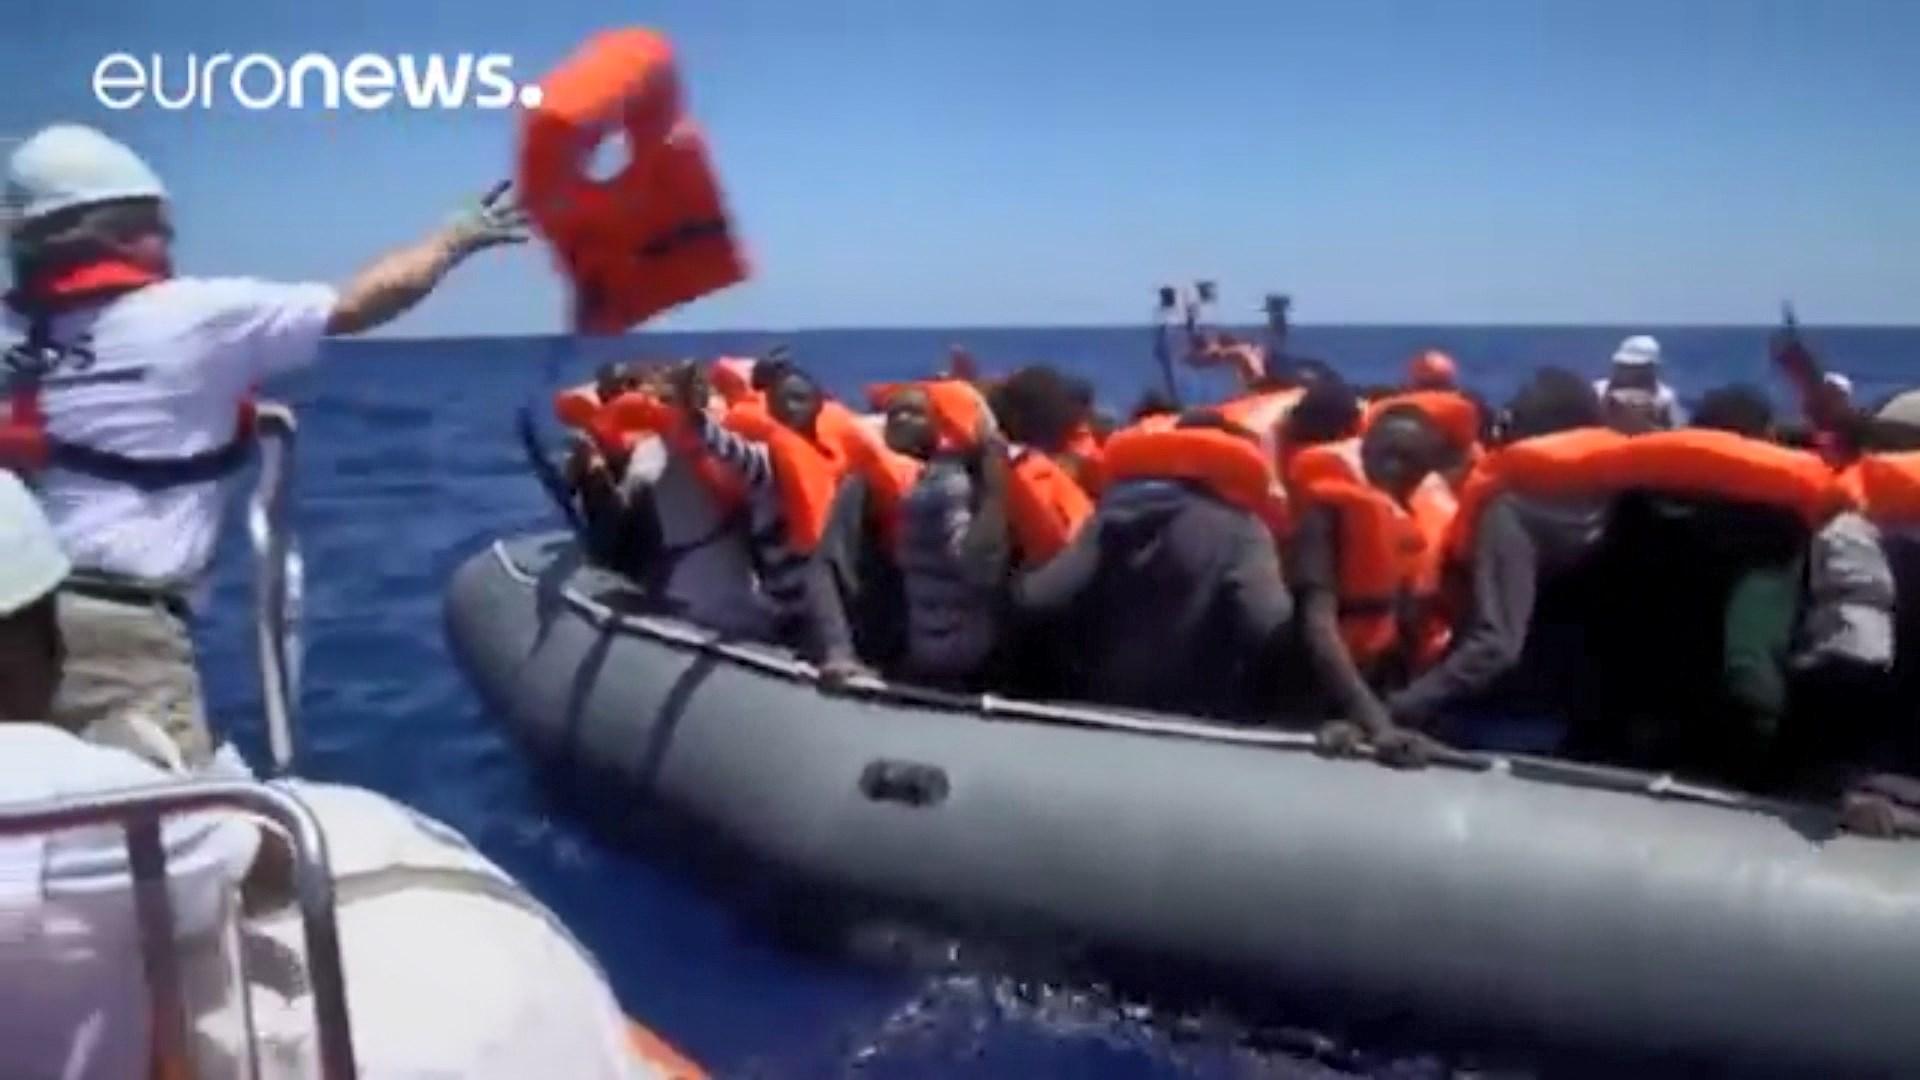 Tragjedi në Mesdhe: Përmbysen gomonet, mbi 100 emigrantë humbin jetën